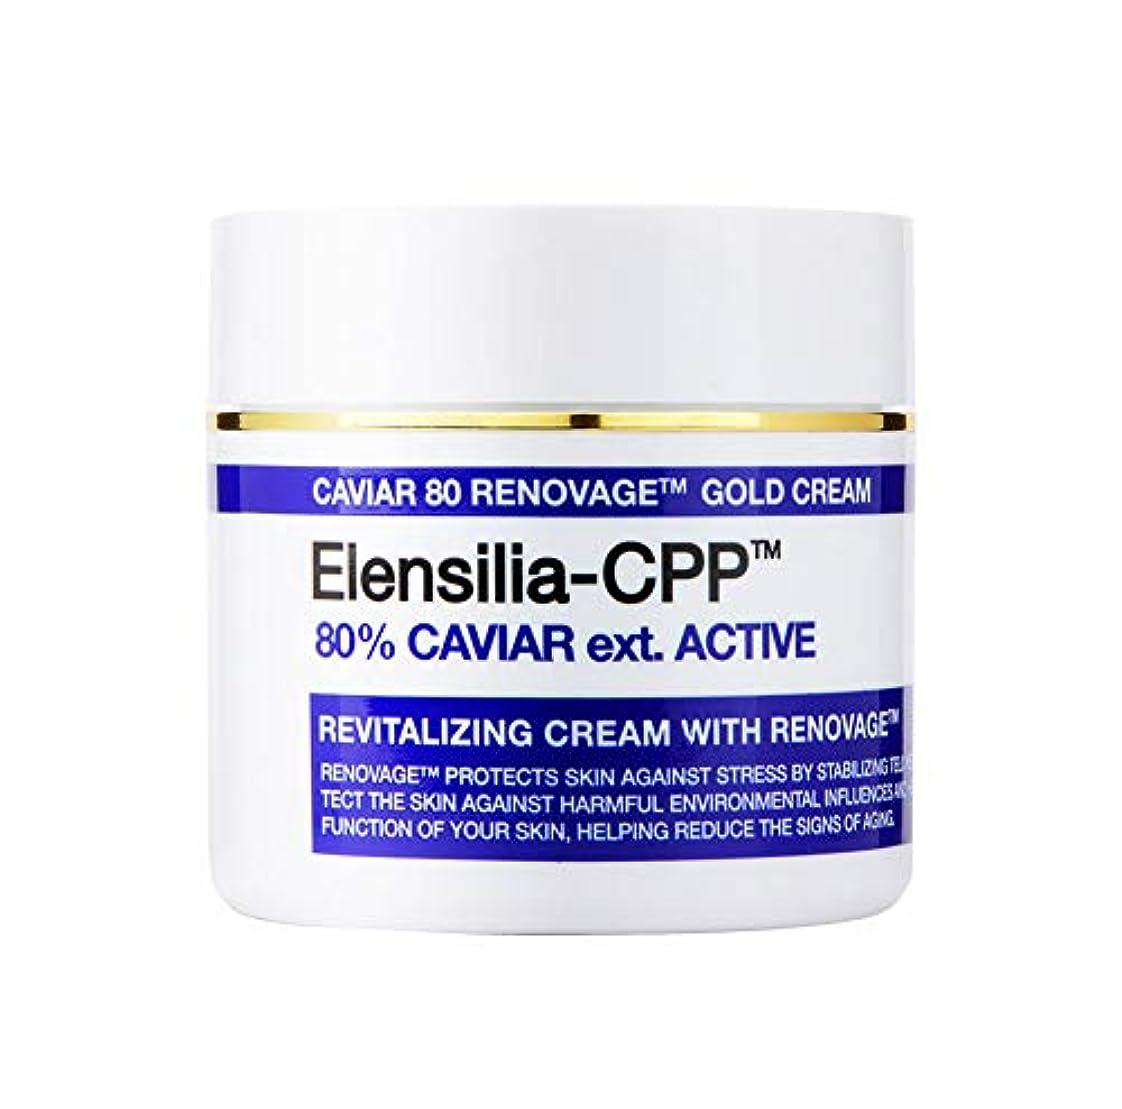 慣性永久構想するエルレンシルラElensilia 韓国コスメ キャビア80ゴールドクリーム50g 海外直送品 CPP Caviar 80 Renovage Gold Cream [並行輸入品]